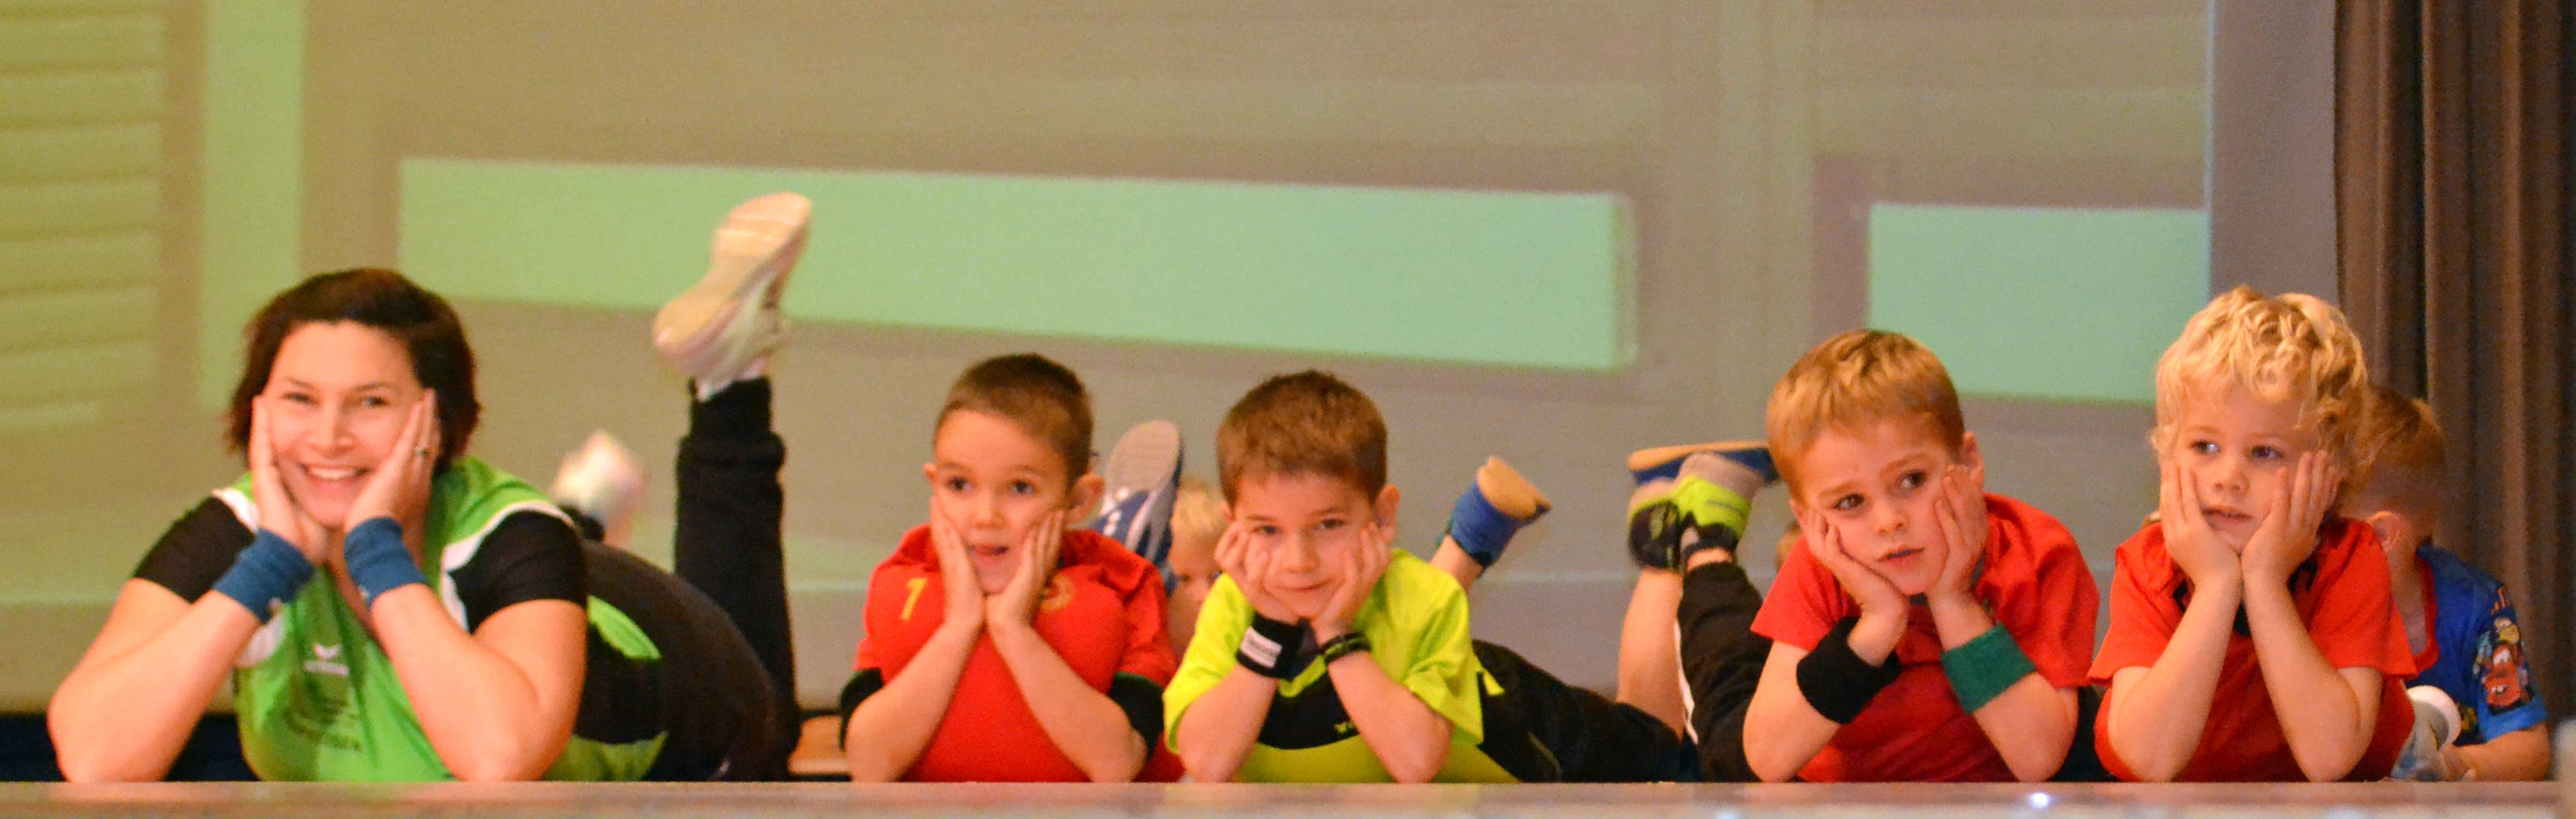 Kinderturnen (Kitu), Leitung Tanja Bärlocher, Stephanie Arpagaus und Katharina Breitenmoser. (Bild: Peter Jenni)